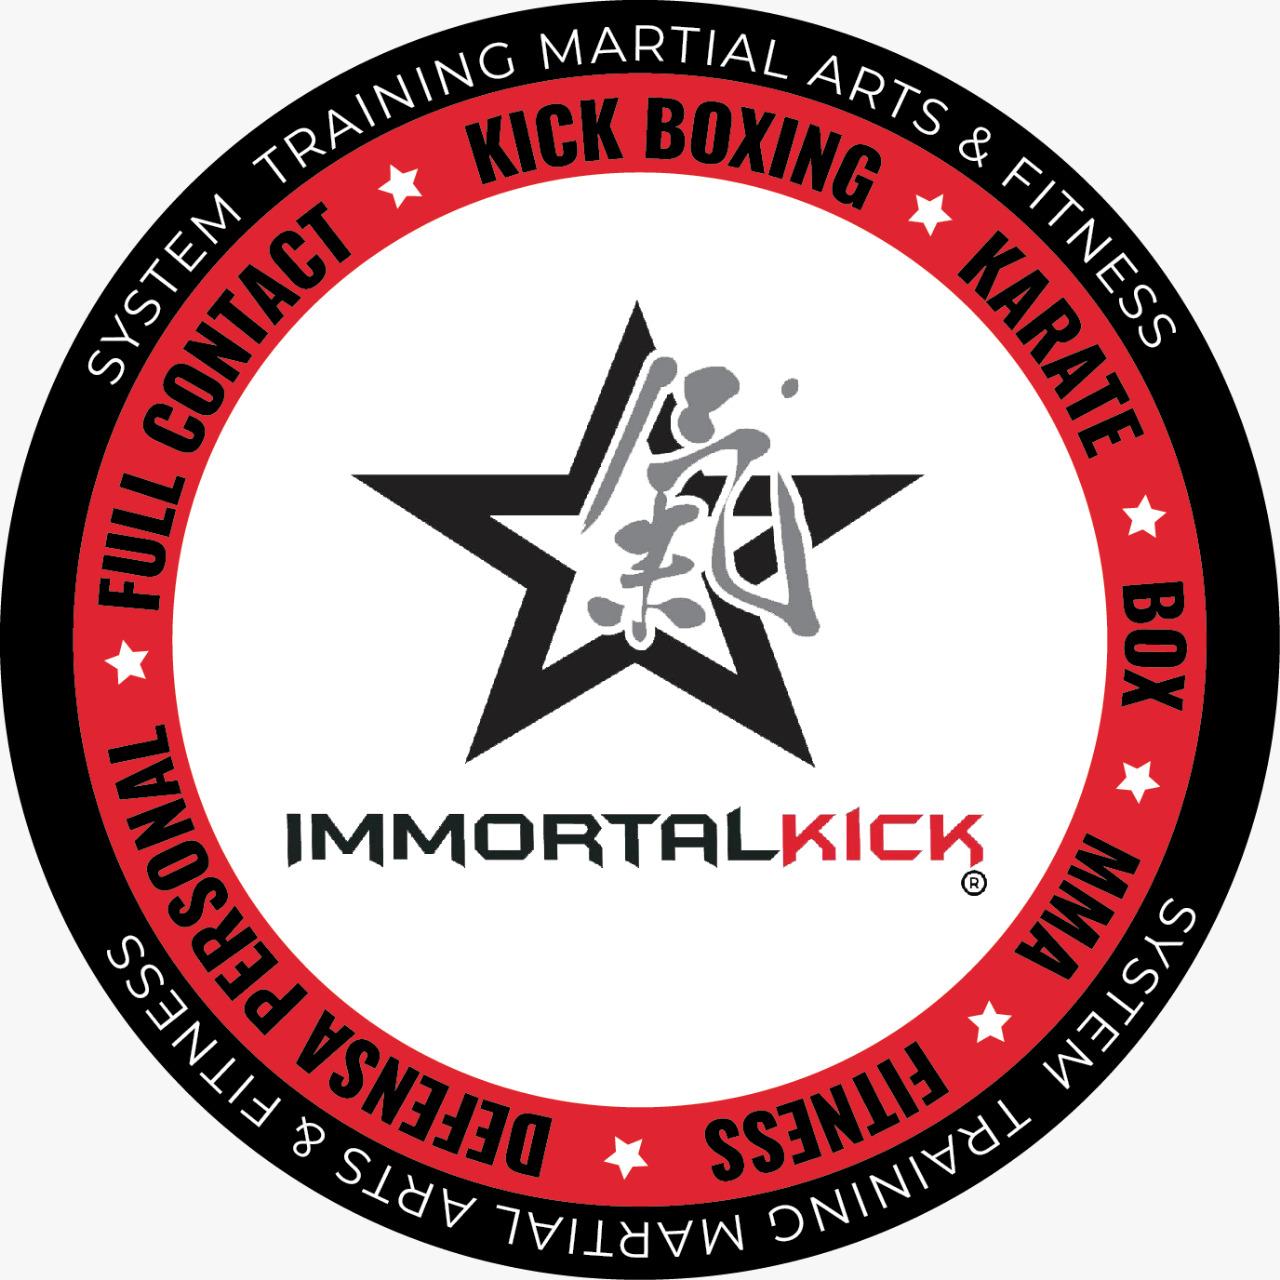 Immortal Kick